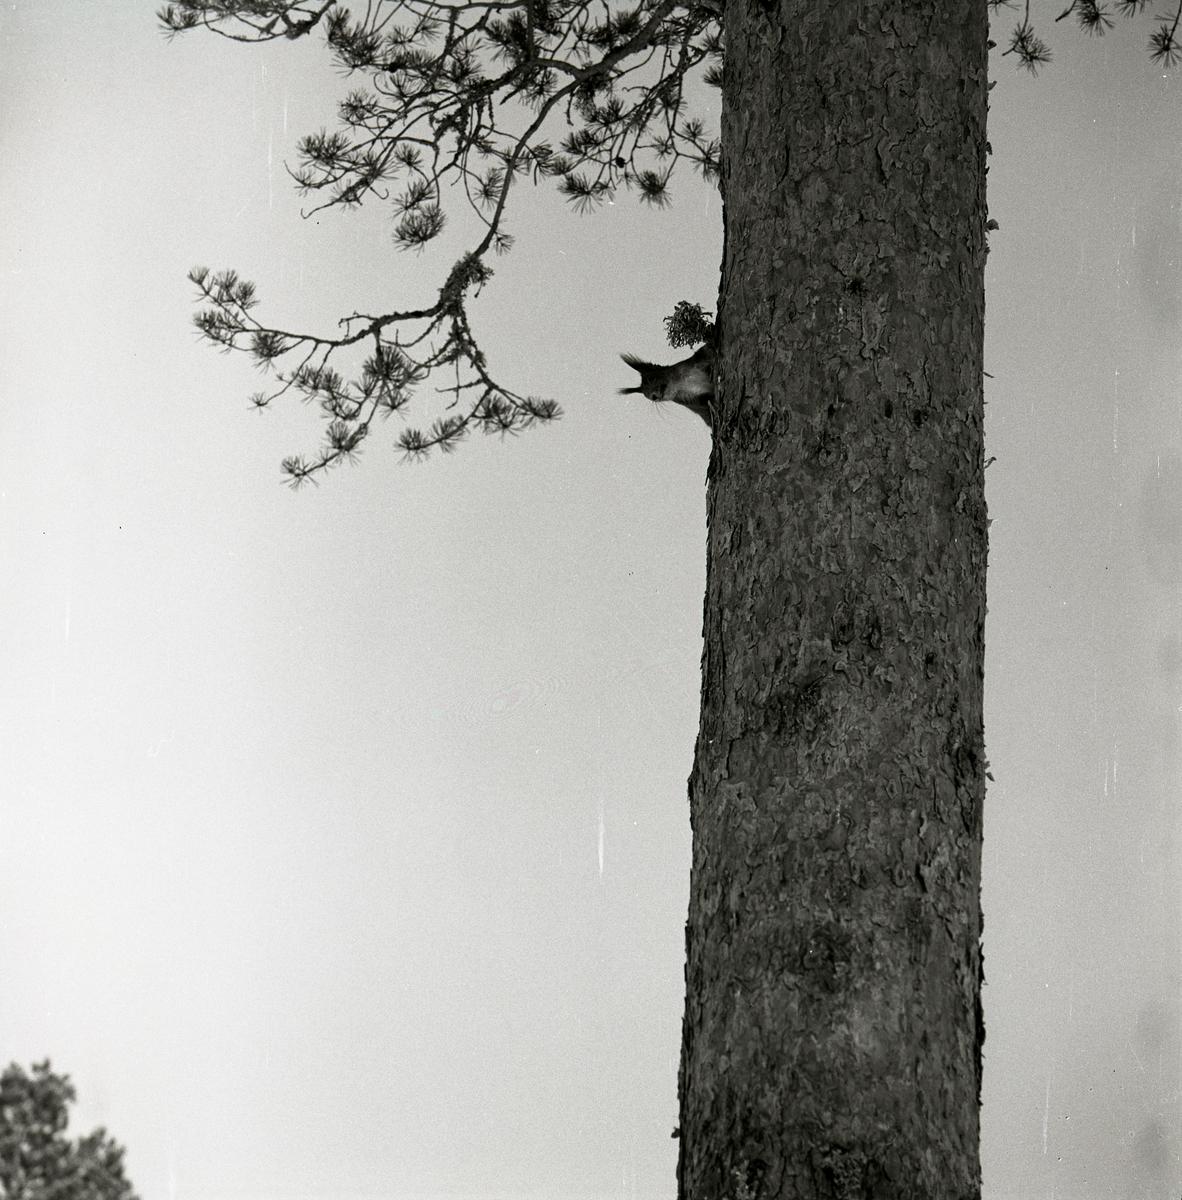 En ekorre klättrar på en tallstam vid Skogberget, våren 1969.